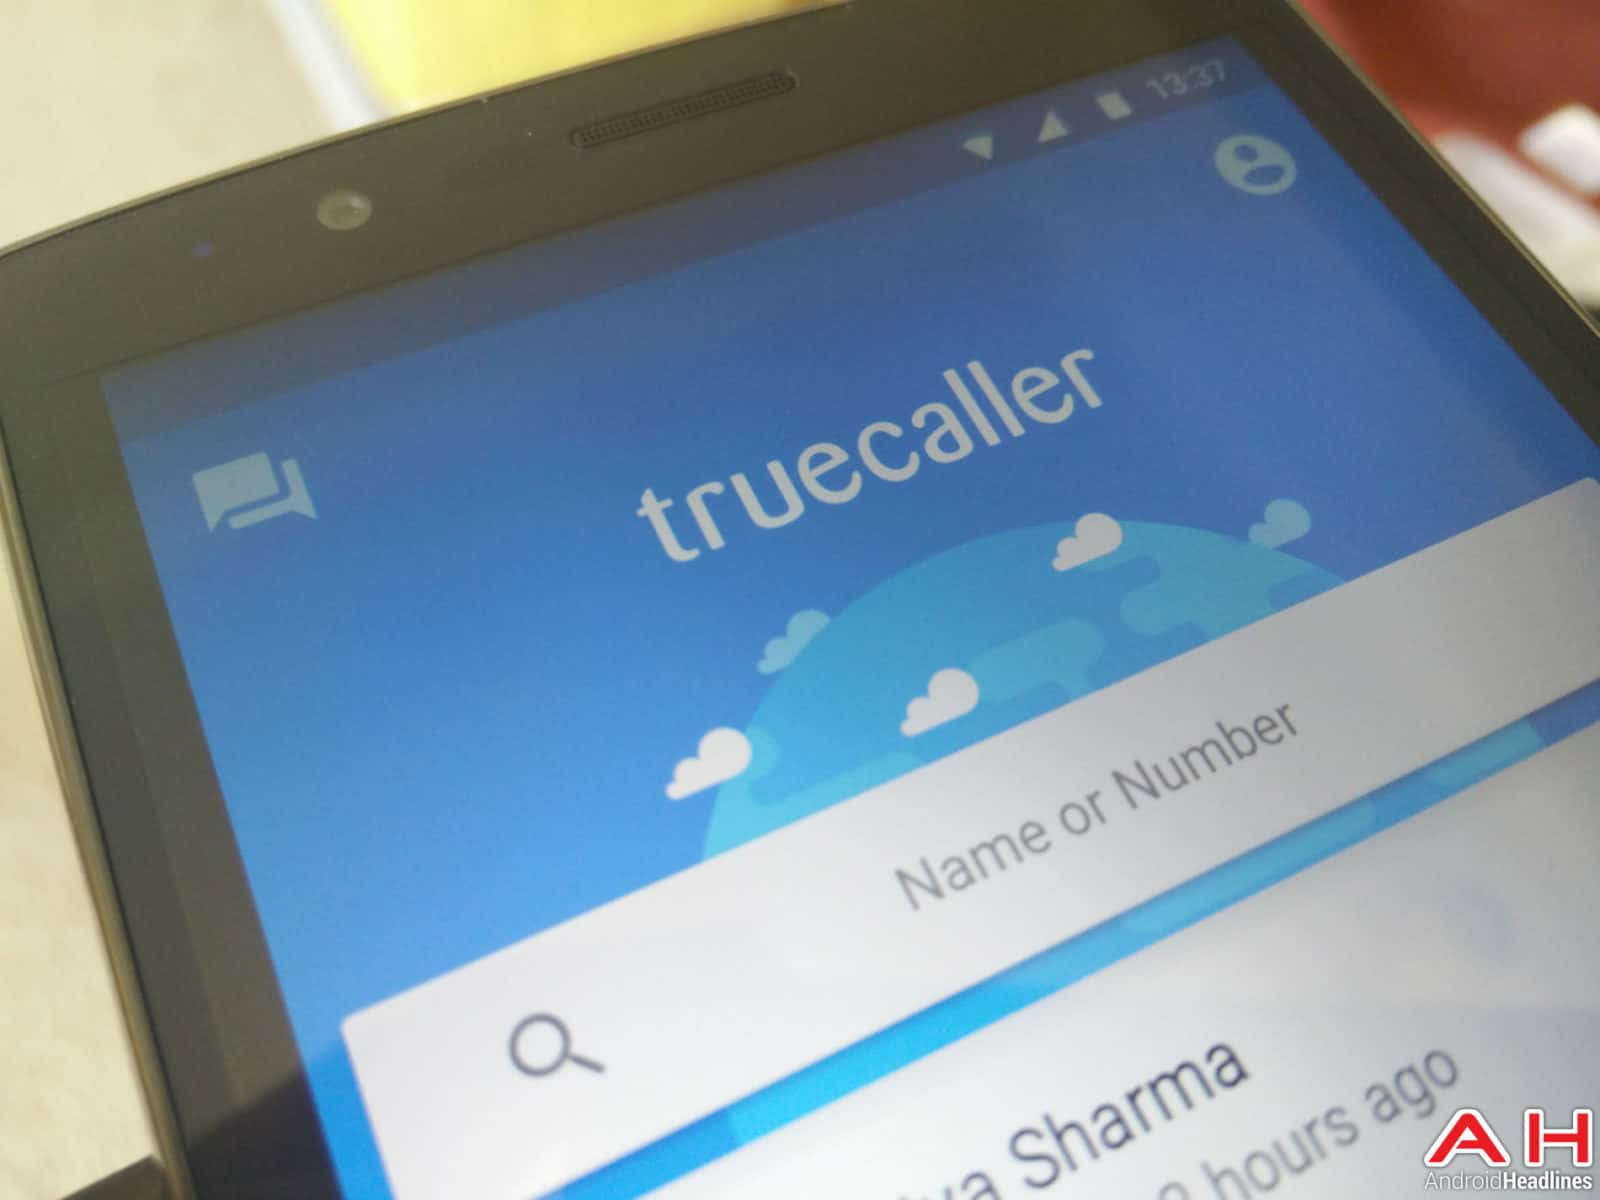 Truecaller AH